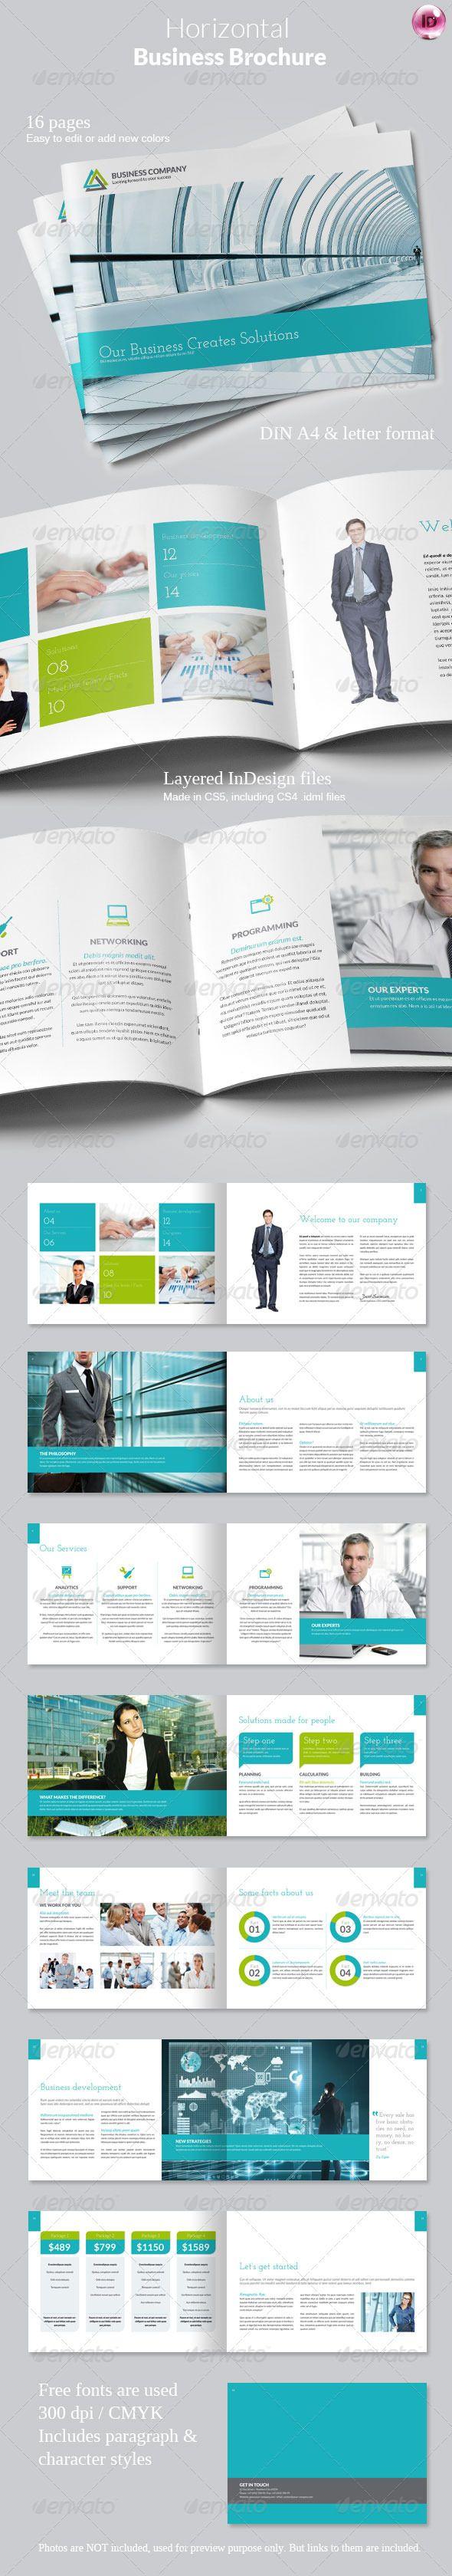 Horizontal Business Brochure - Corporate Brochures